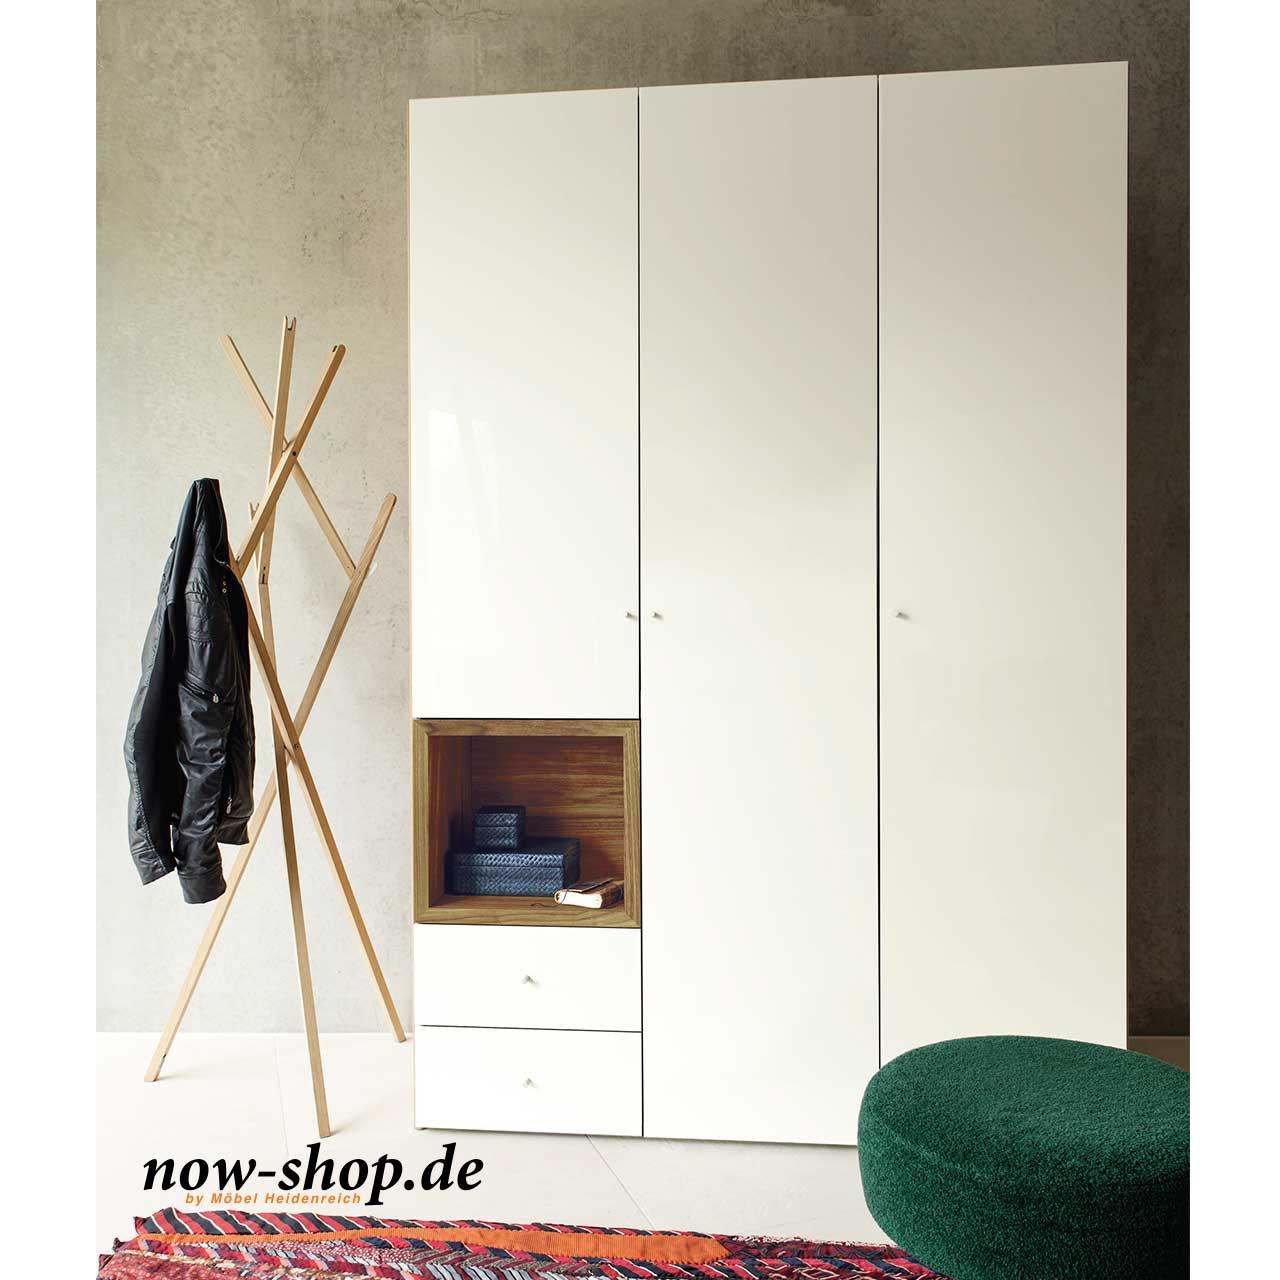 Hülsta now! Flexx Kleiderschrank | now-shop